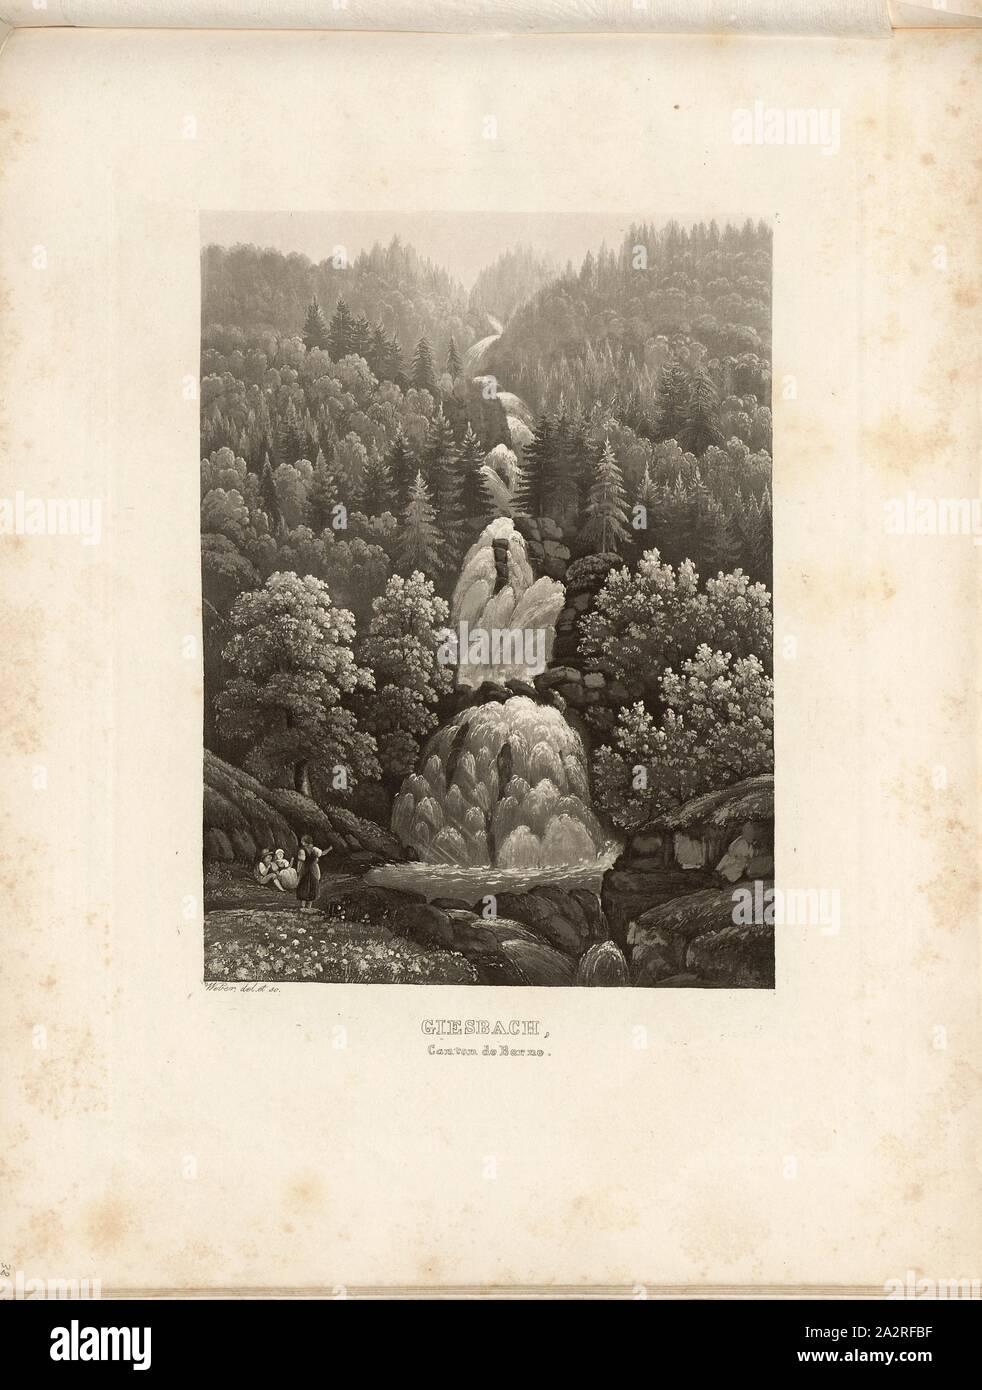 Giesbach, Canton of Bern, View of the Giessbach Falls (Canton of Berne), signed: Weber del. Et sc, pl. 40, p. 88, Weber, Lukas (del. et sc.), 1841, Hans Felix Leuthold: Cinquante vues pittoresques de la Suisse. Contenant les points les plus intéressants et les plus originaux. Zürich: H.F. Leuthold, [1841 Stock Photo